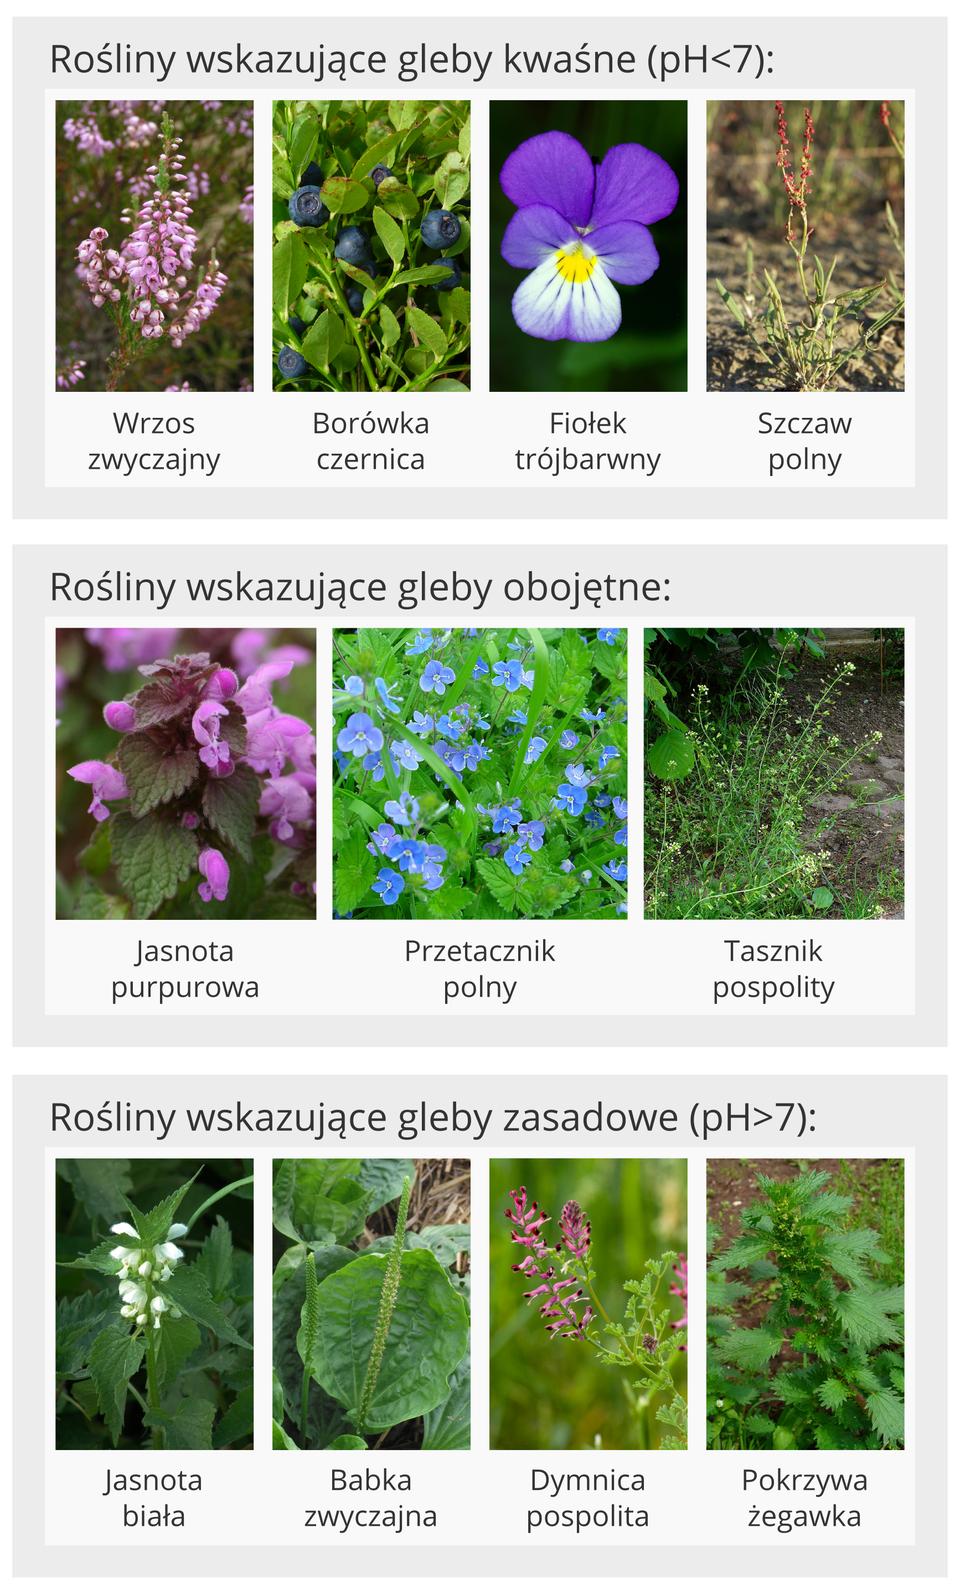 Przykłady roślin wskaźnikowych gleb oróżnej kwasowości